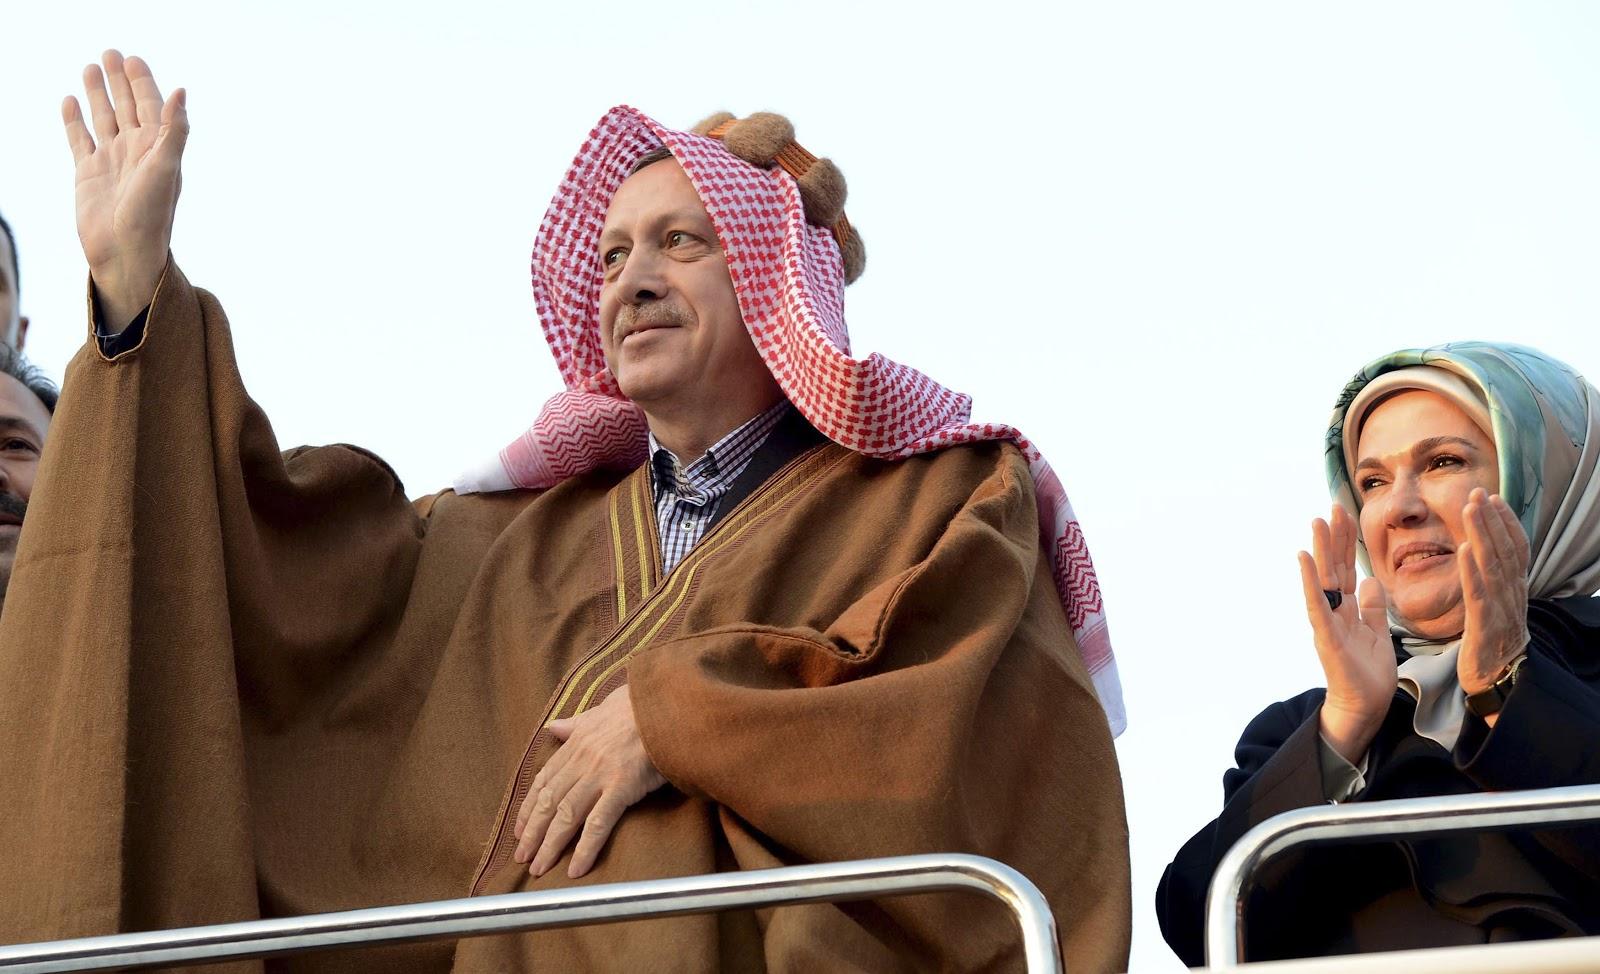 Мусульманская Европа – реальная перспектива? Экспансия Эрдогана на примере НКО